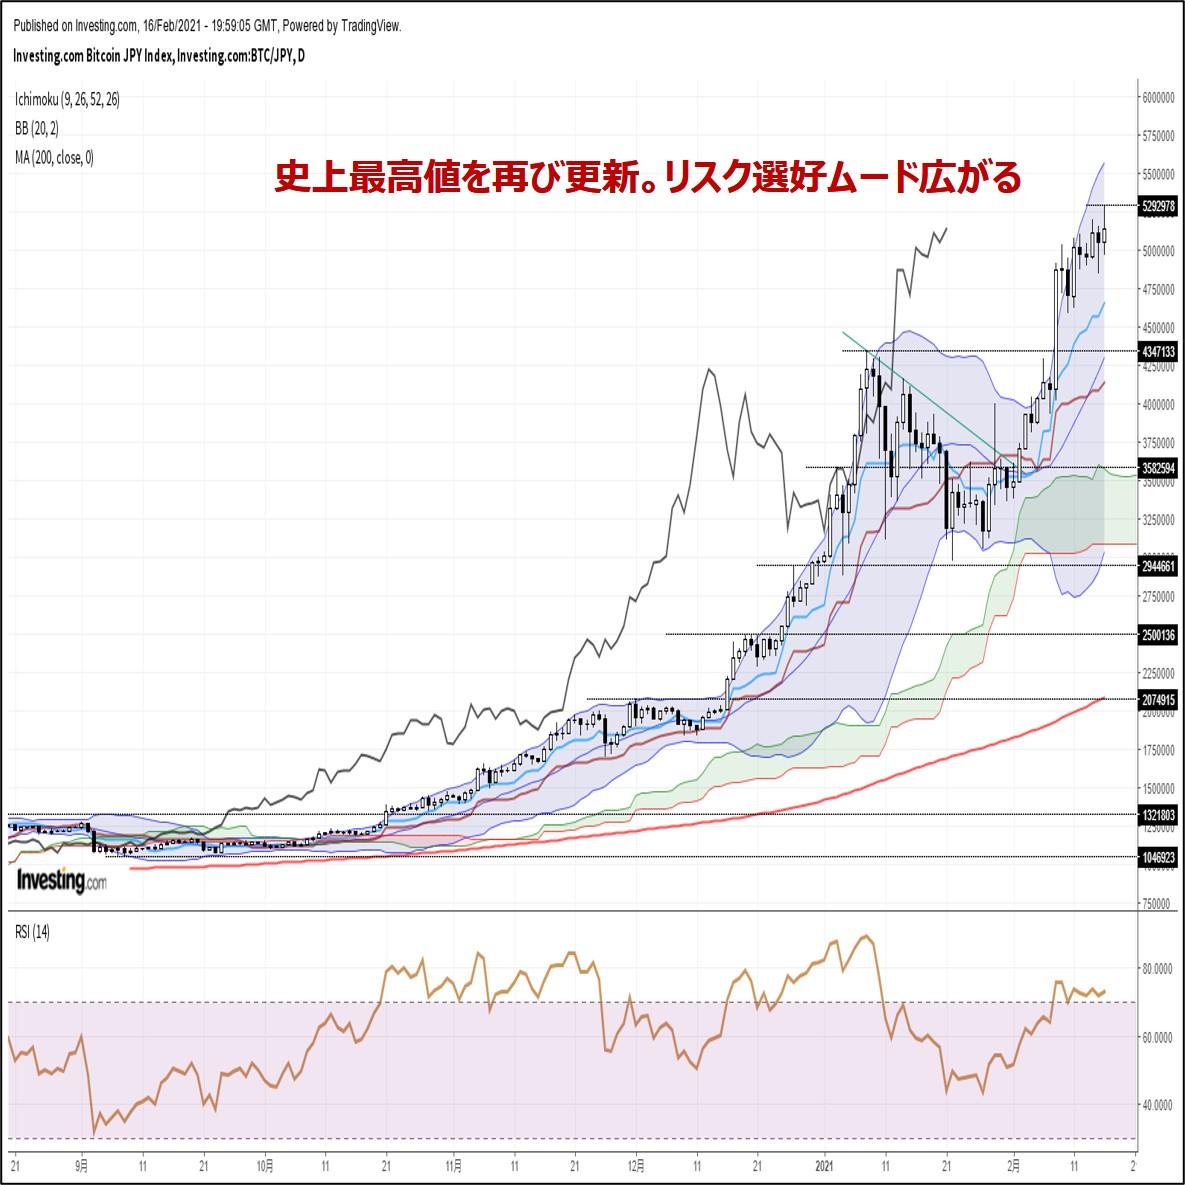 ビットコイン円、史上最高値を再び更新。リスク選好ムード広がる(2/17朝)